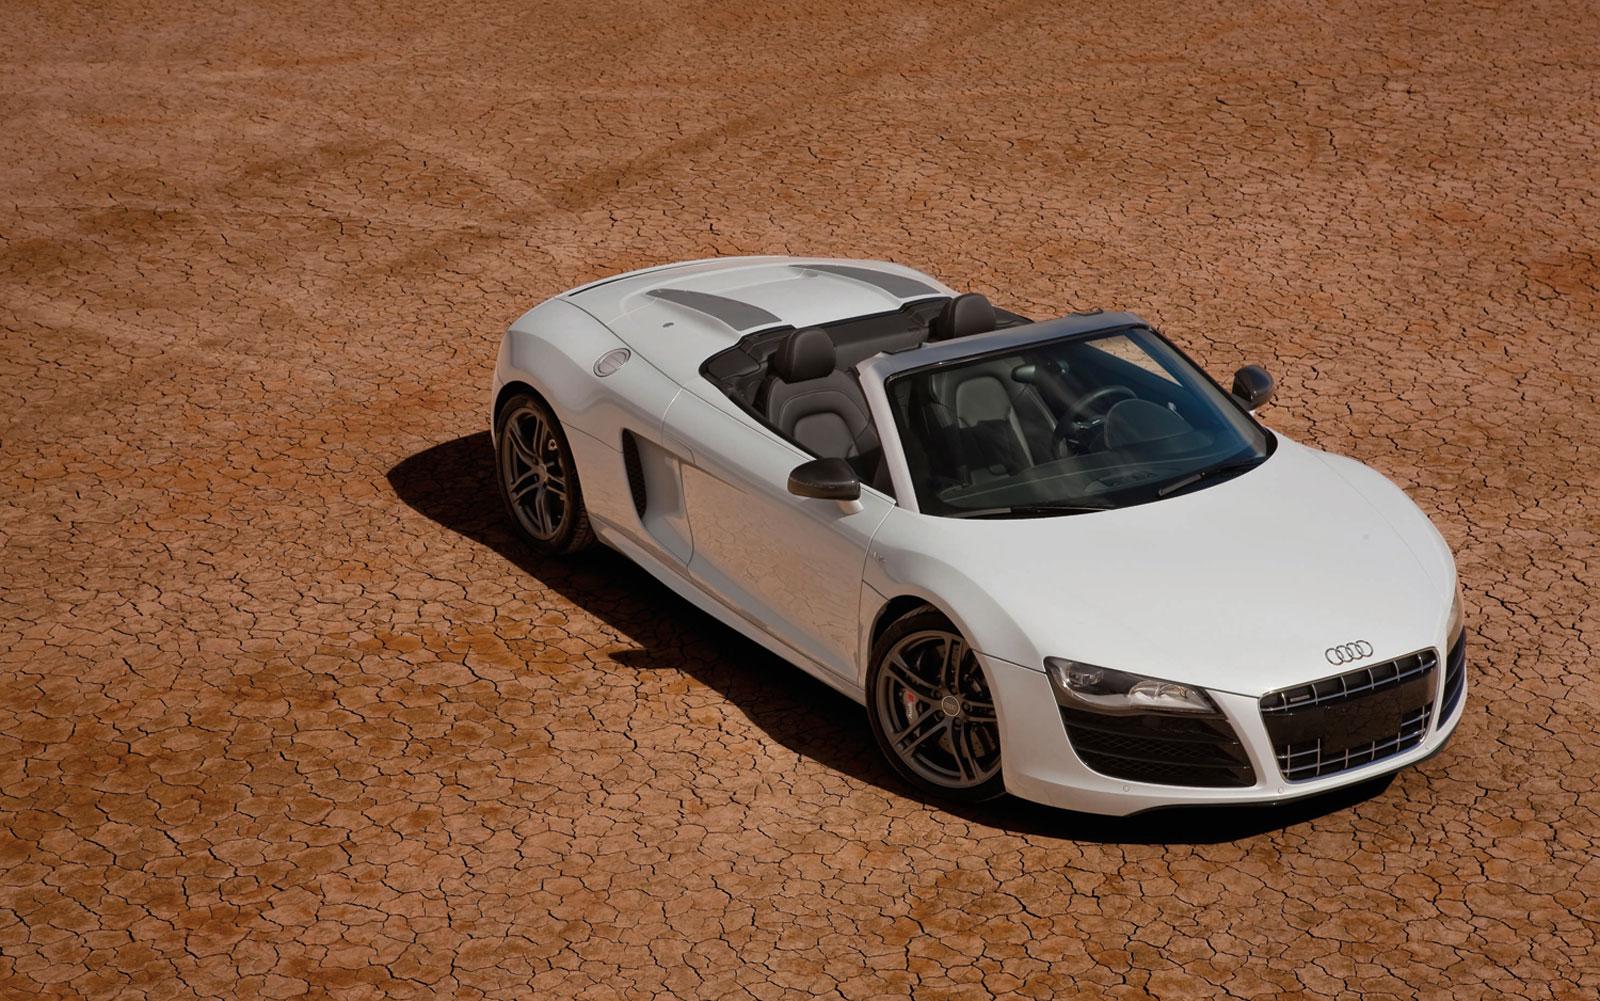 Audi R8 Spyder Wallpaper White